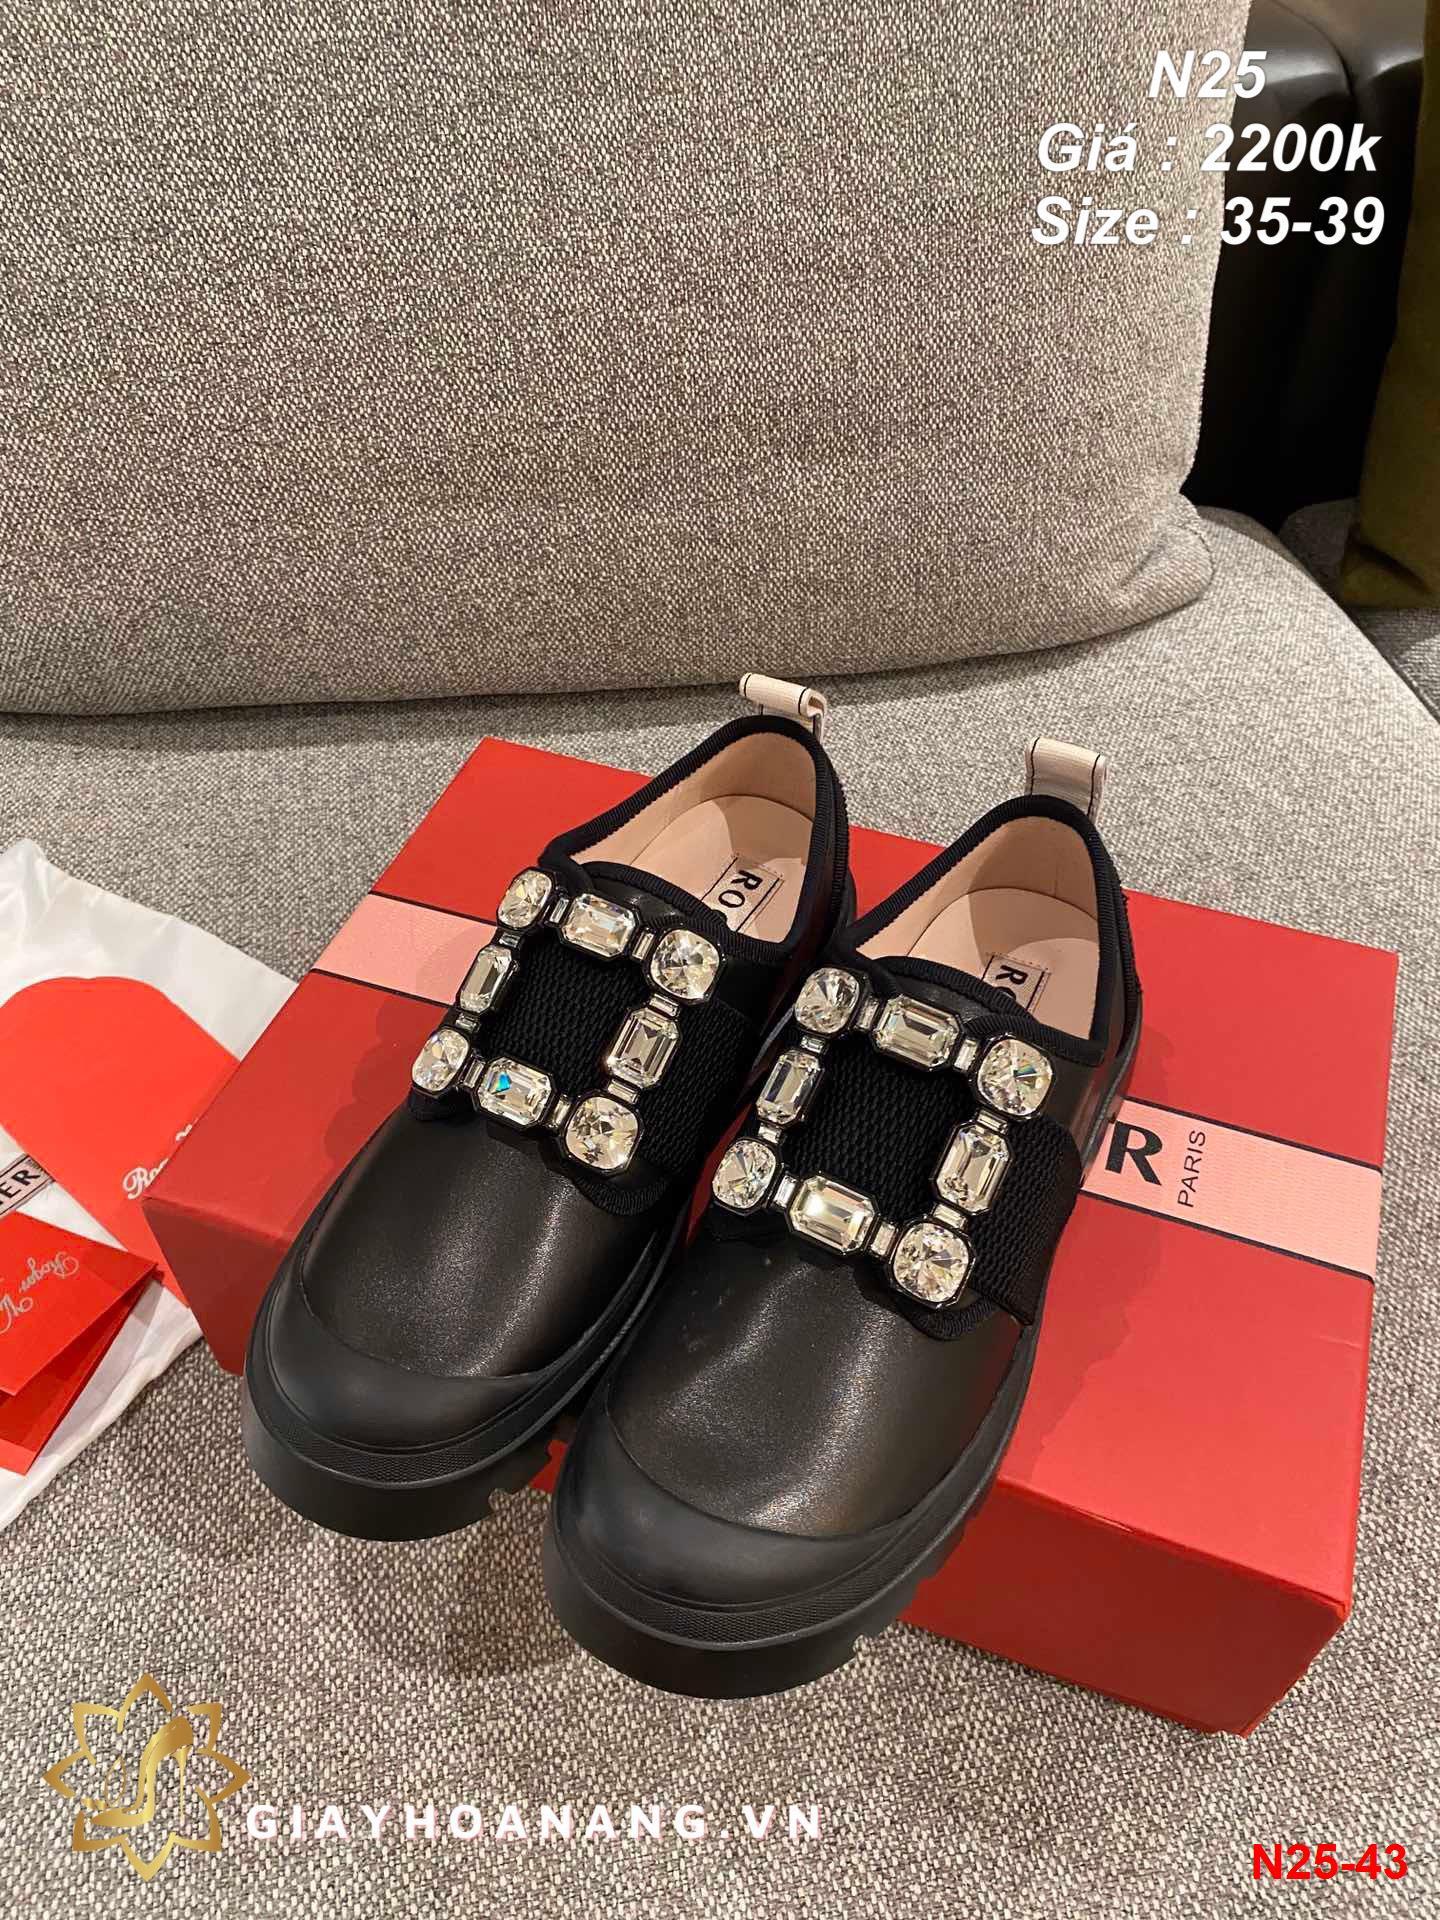 N25-43 Roger Vivier giày lười siêu cấp